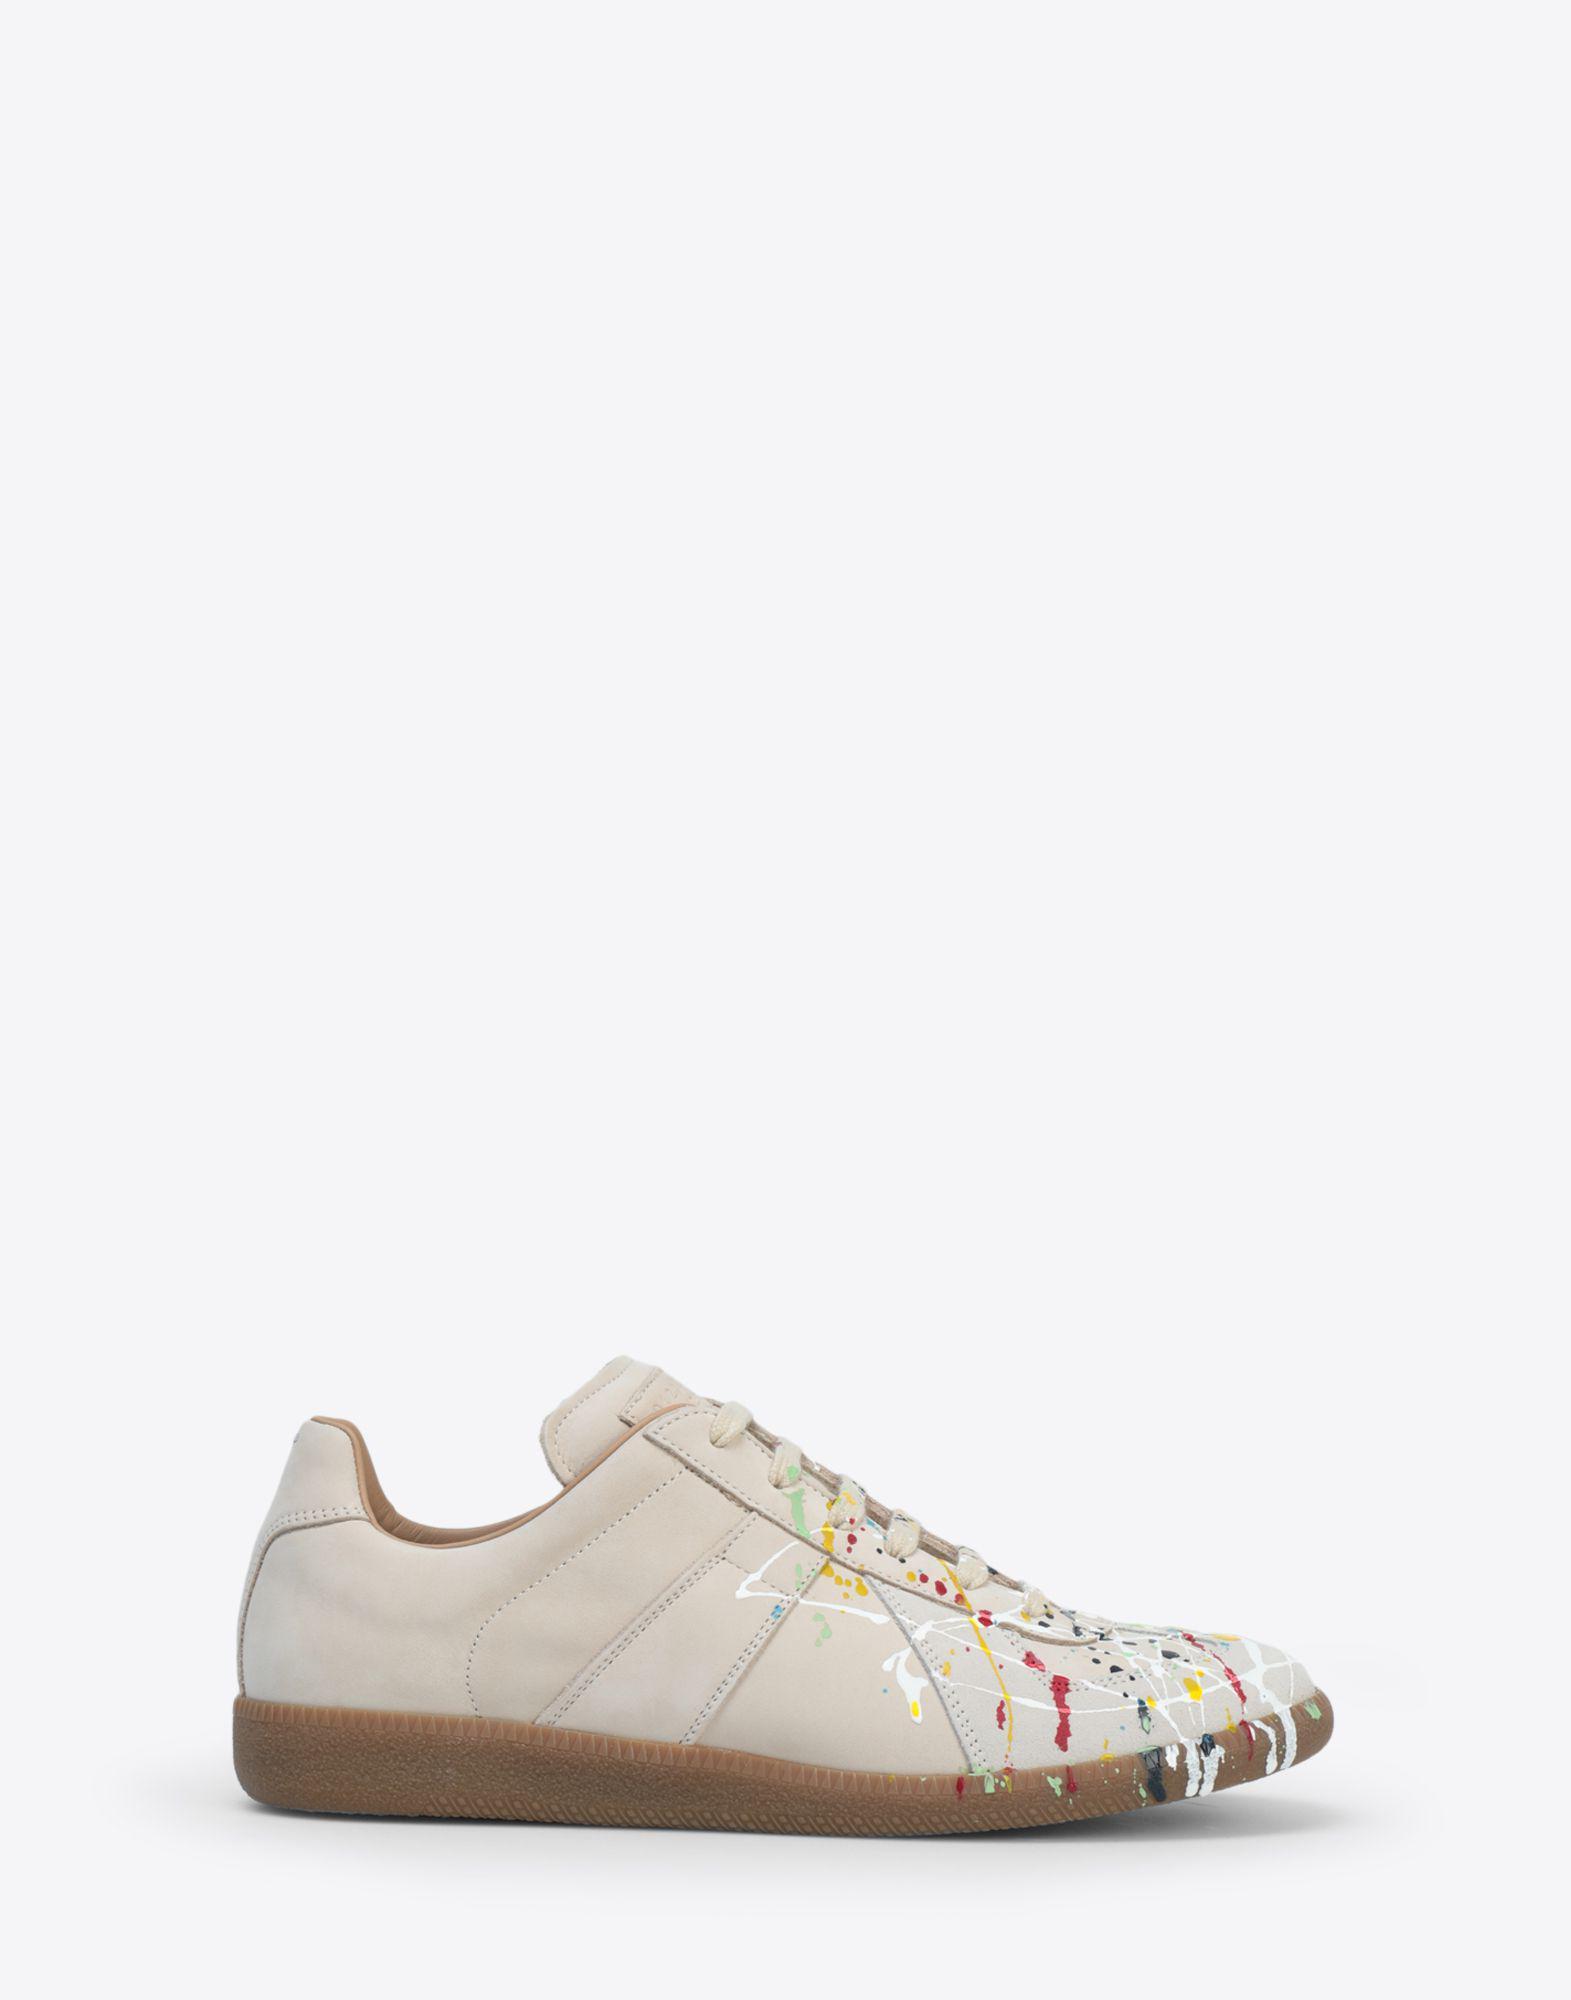 039581e93007 Maison Margiela. Men s Natural Suede Paint Drop  replica  Sneakers